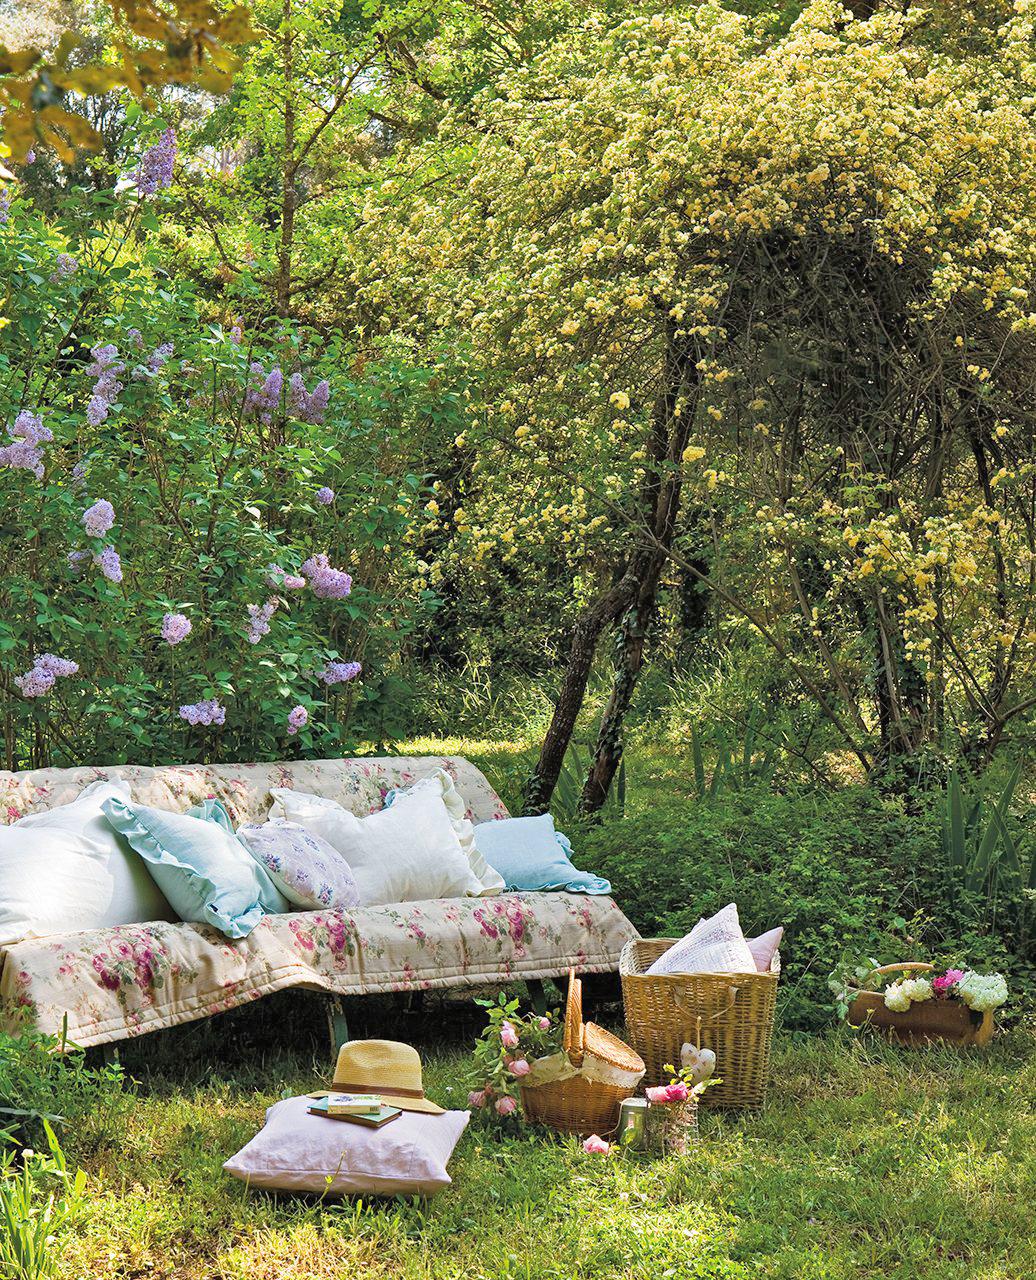 JARDIN banco cubierto con colcha y cojines en medio de un jardin de rosas 1036x1280